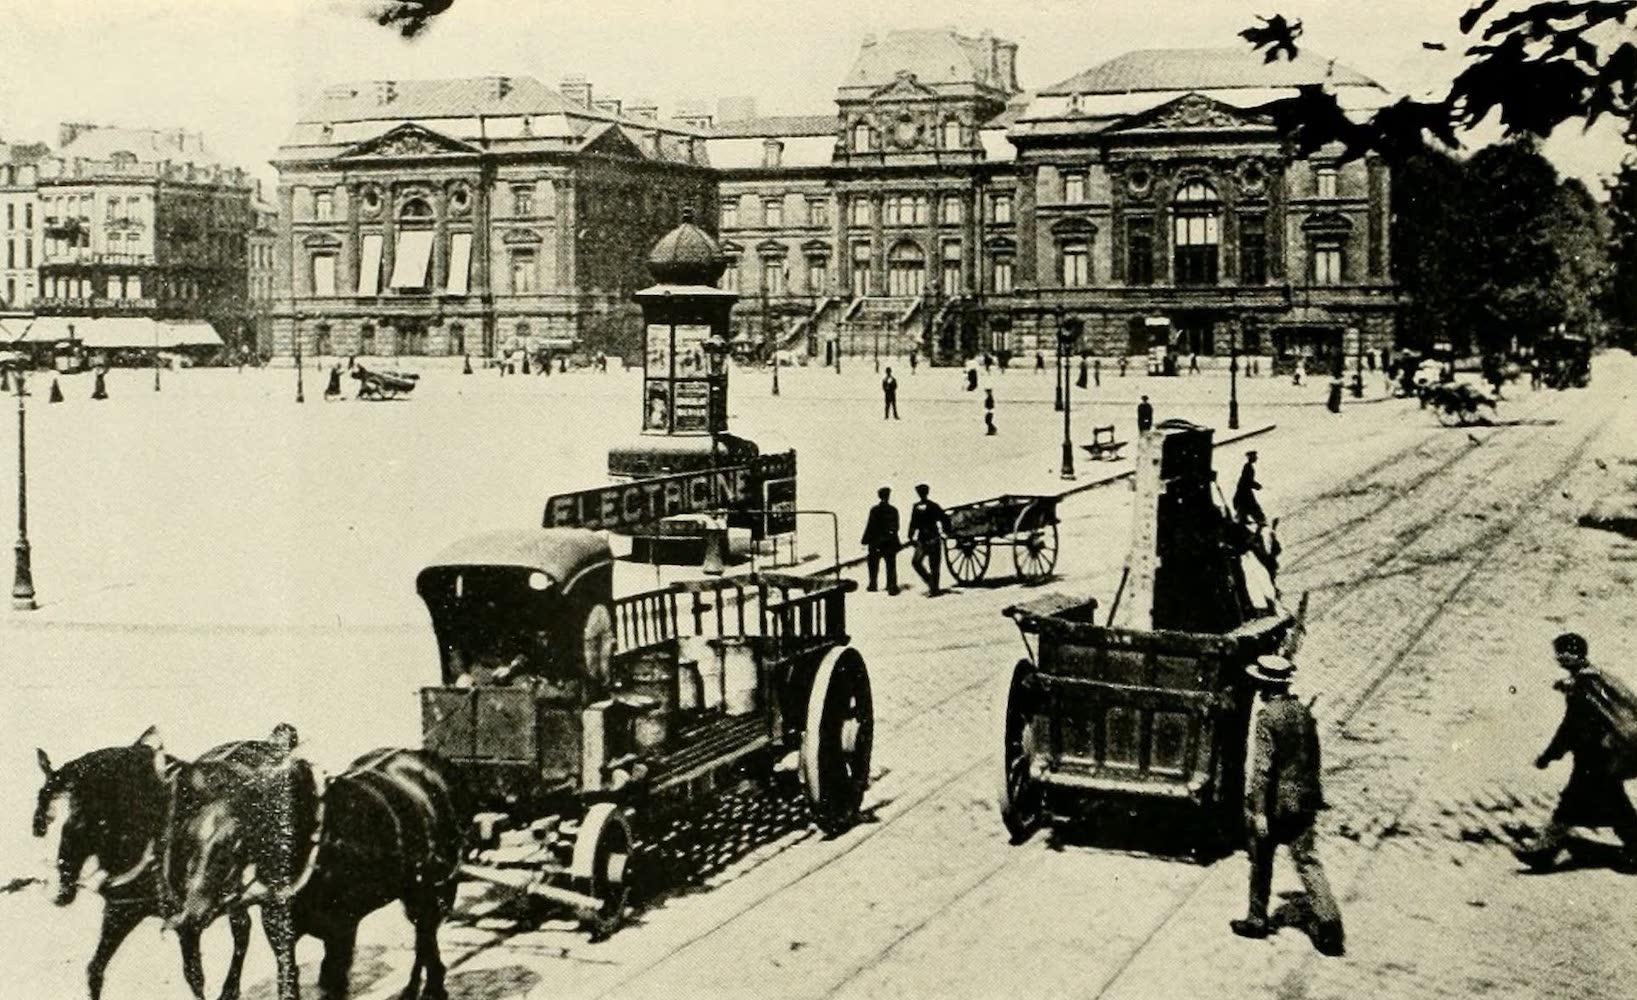 Laird & Lee's World's War Glimpses - The Place De La Republique (1914)